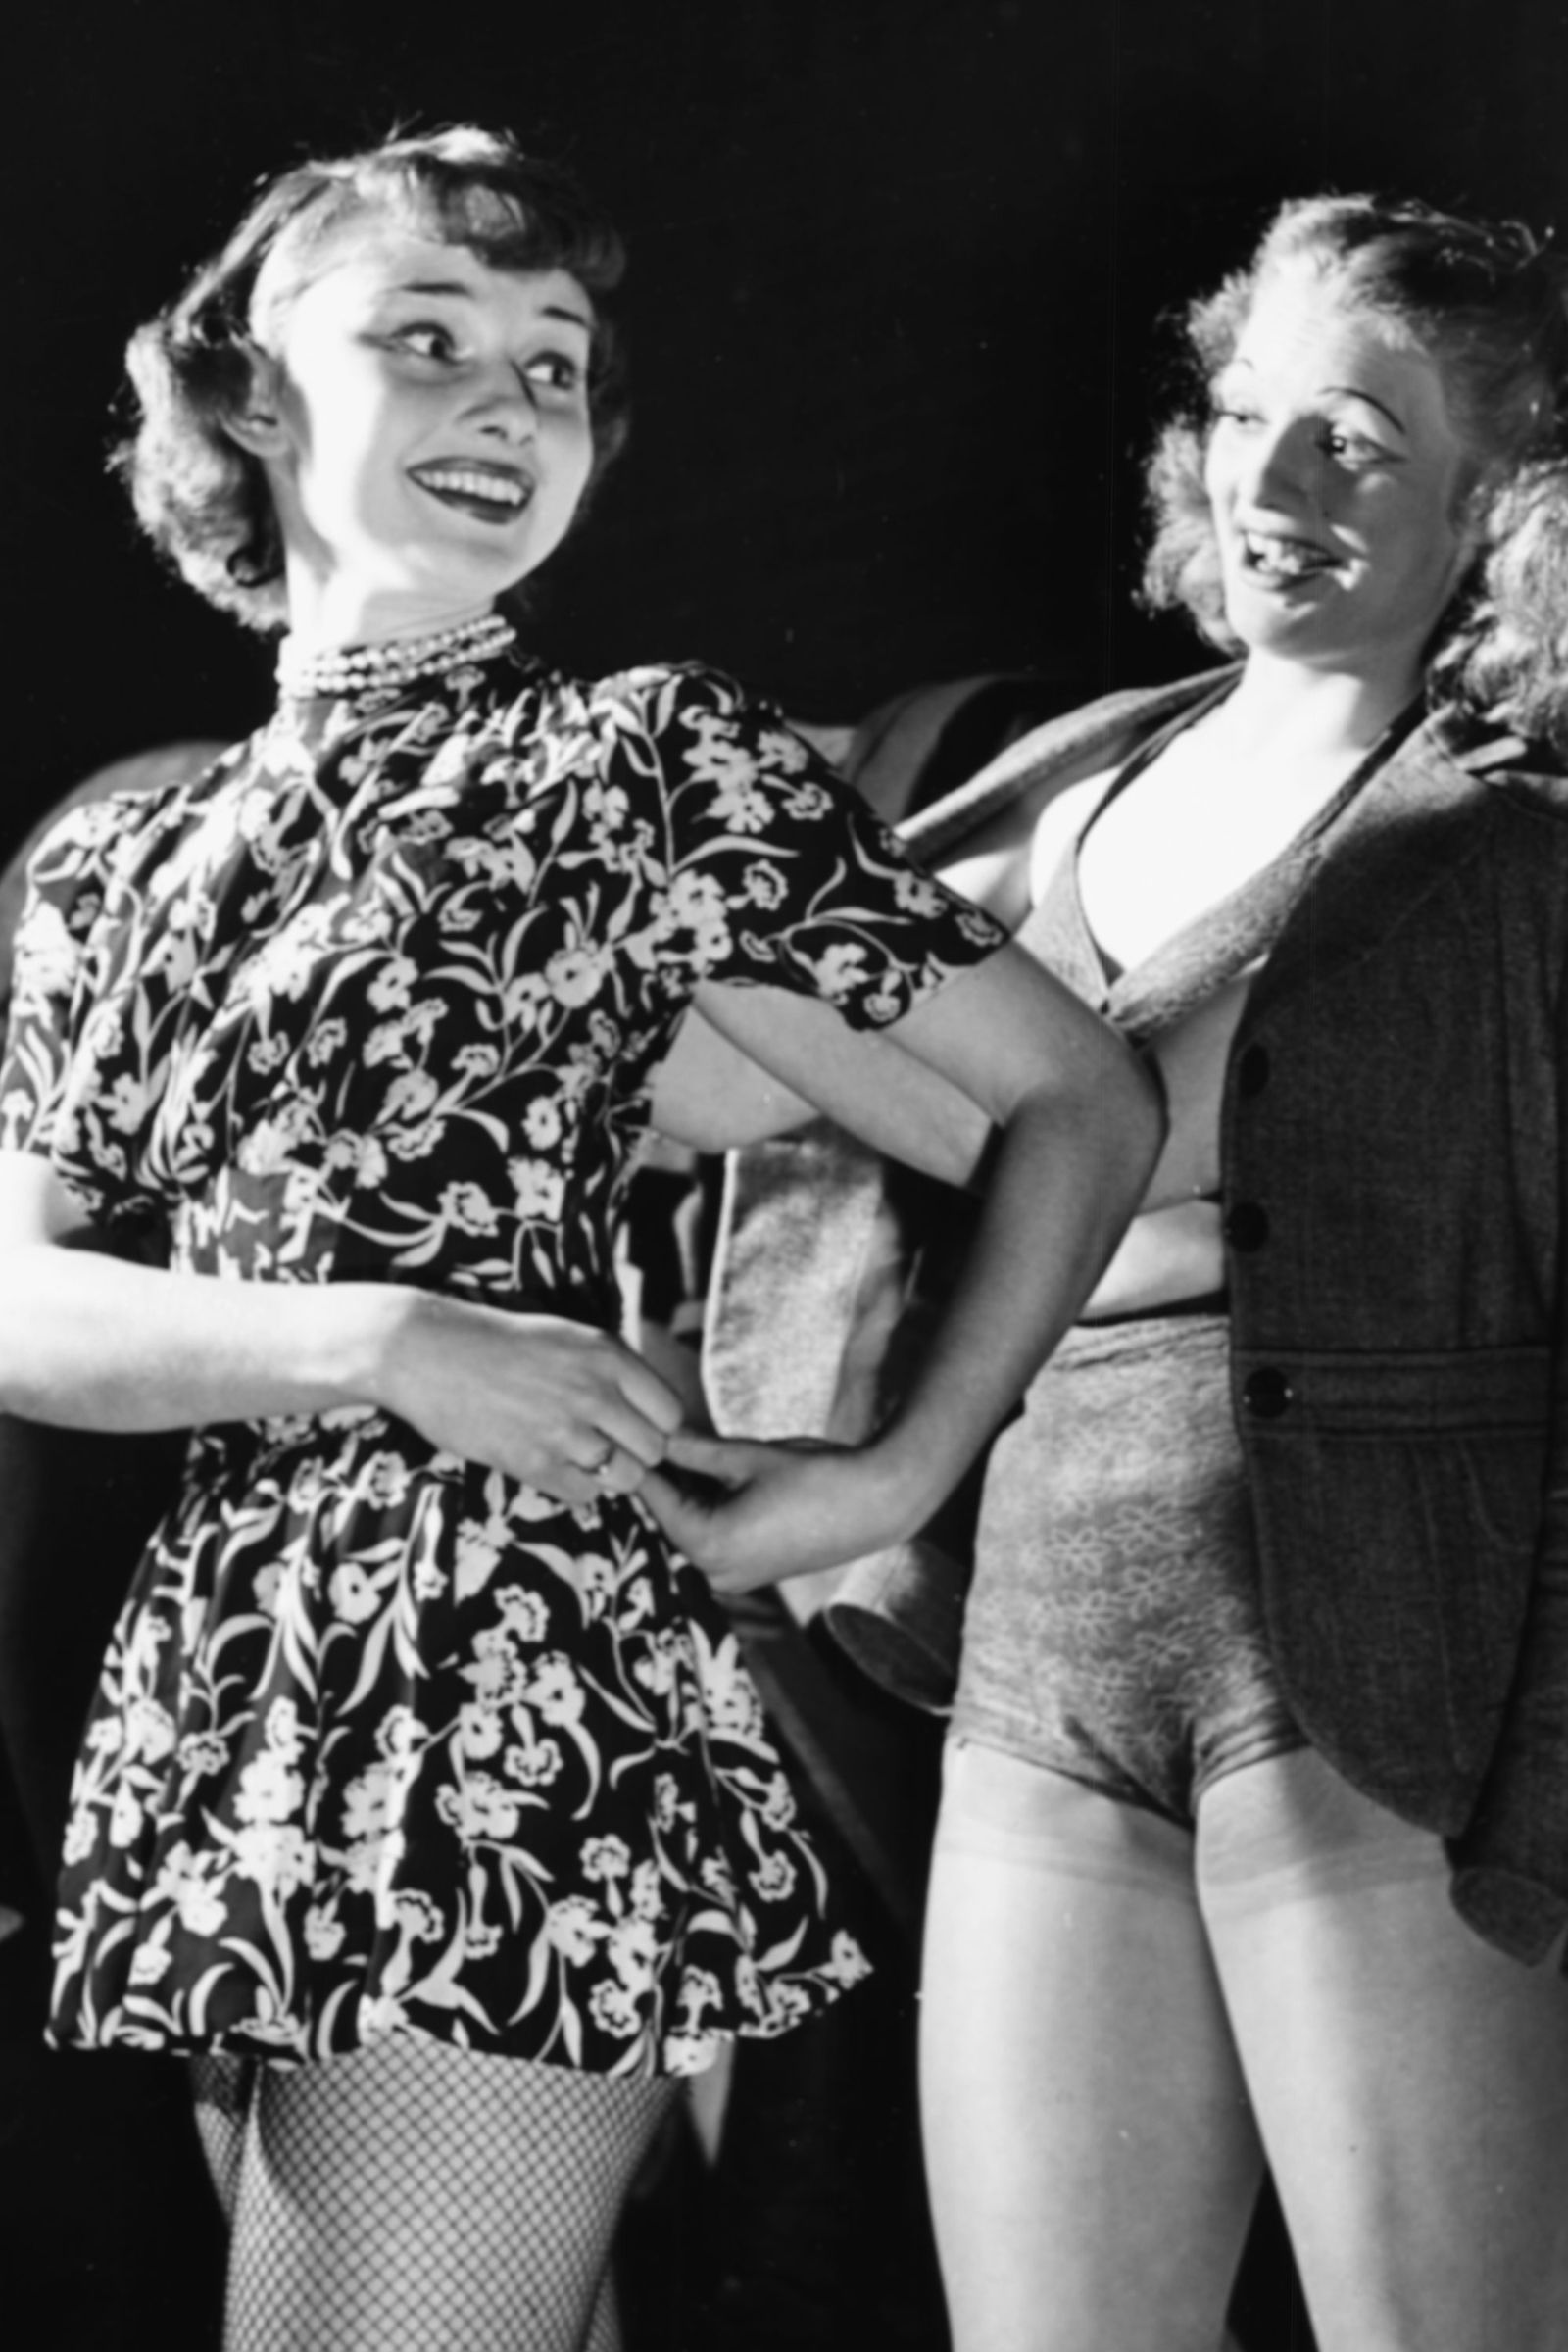 1948 - TownandCountrymag.com